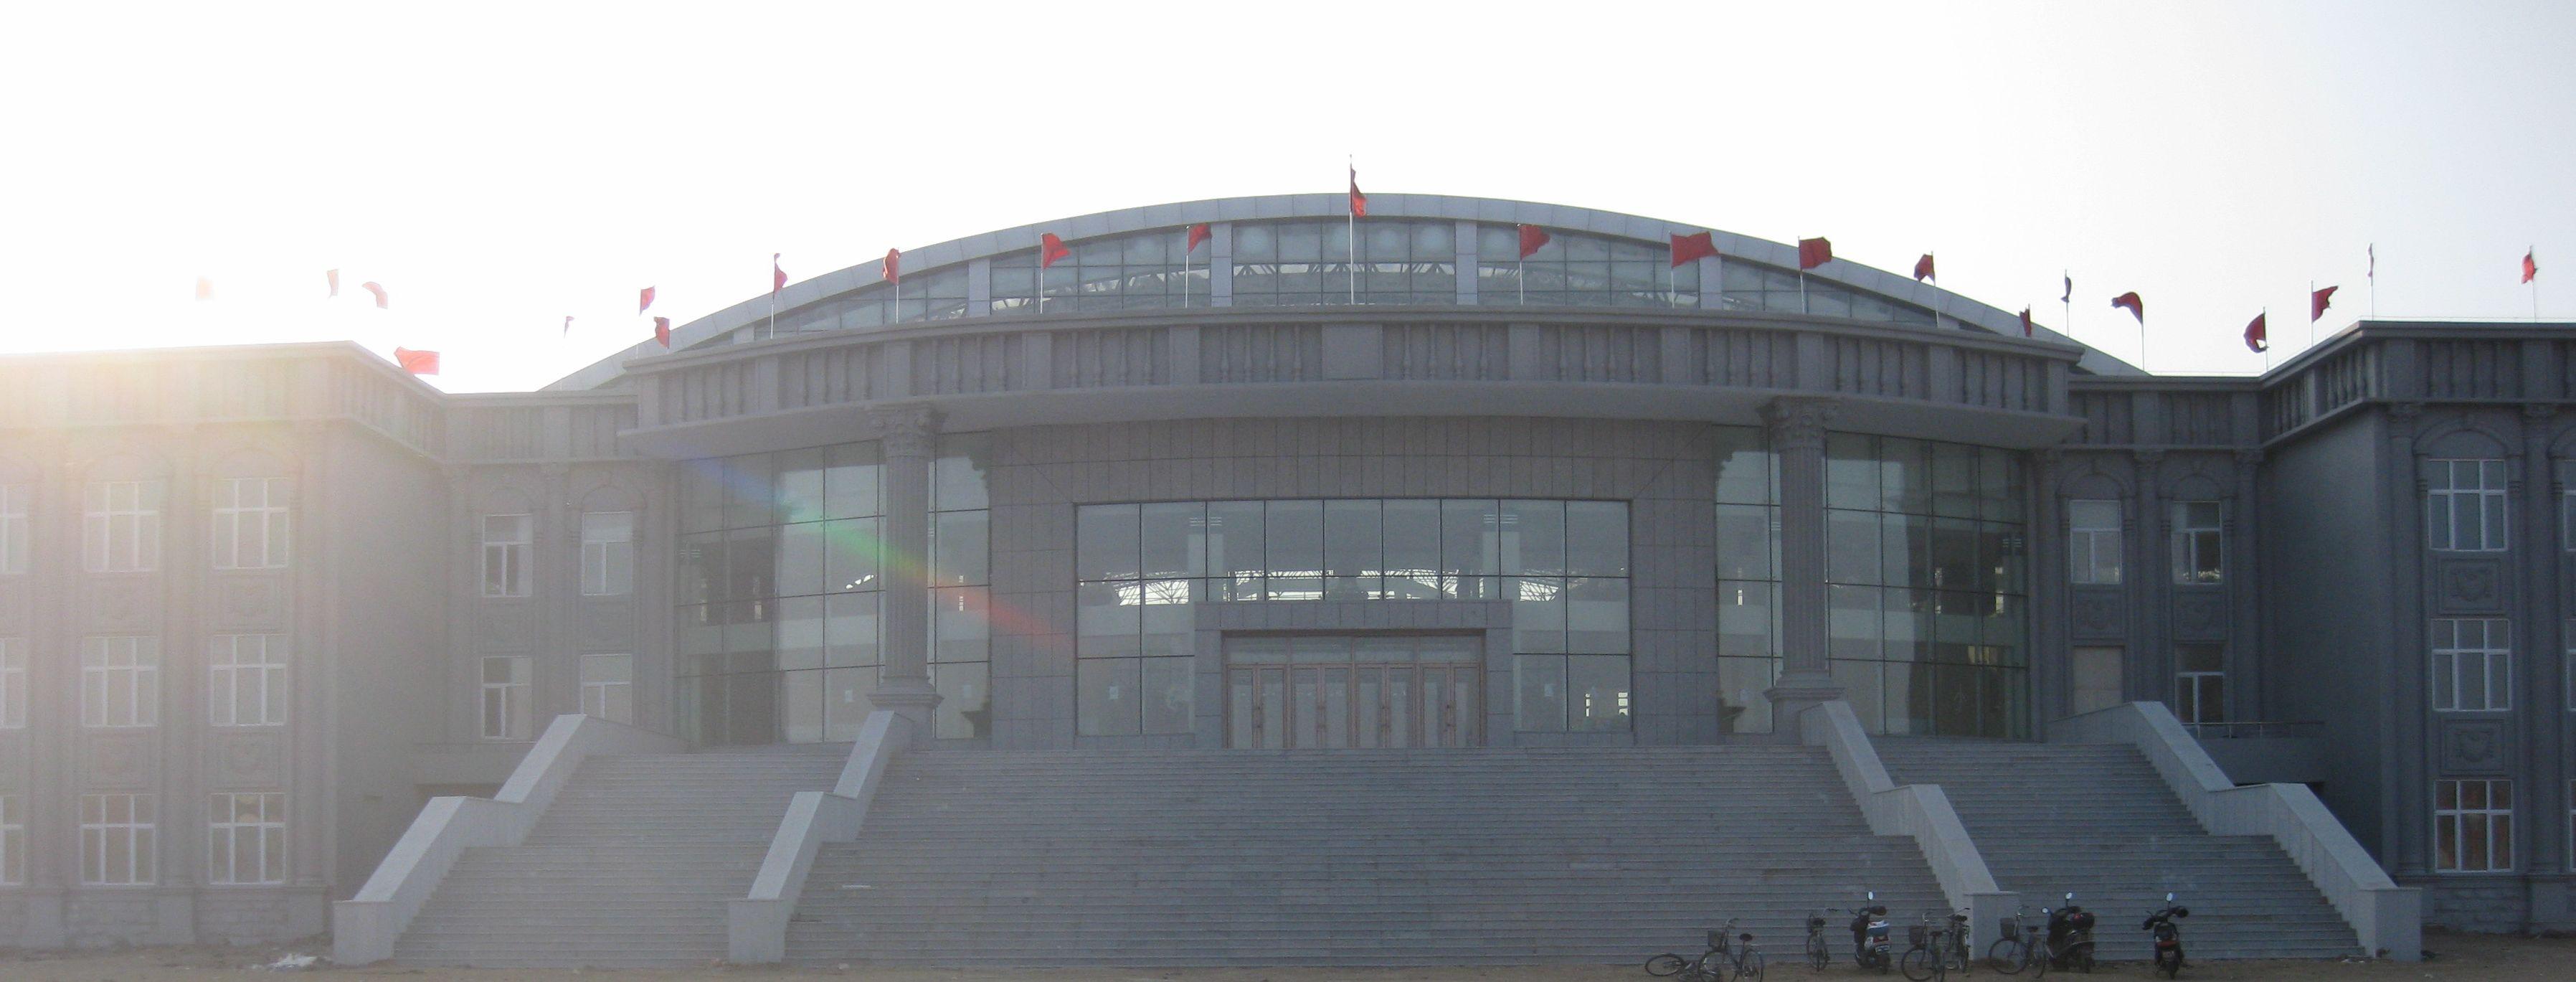 文体中心场馆占地面积108000㎡,为仿欧式